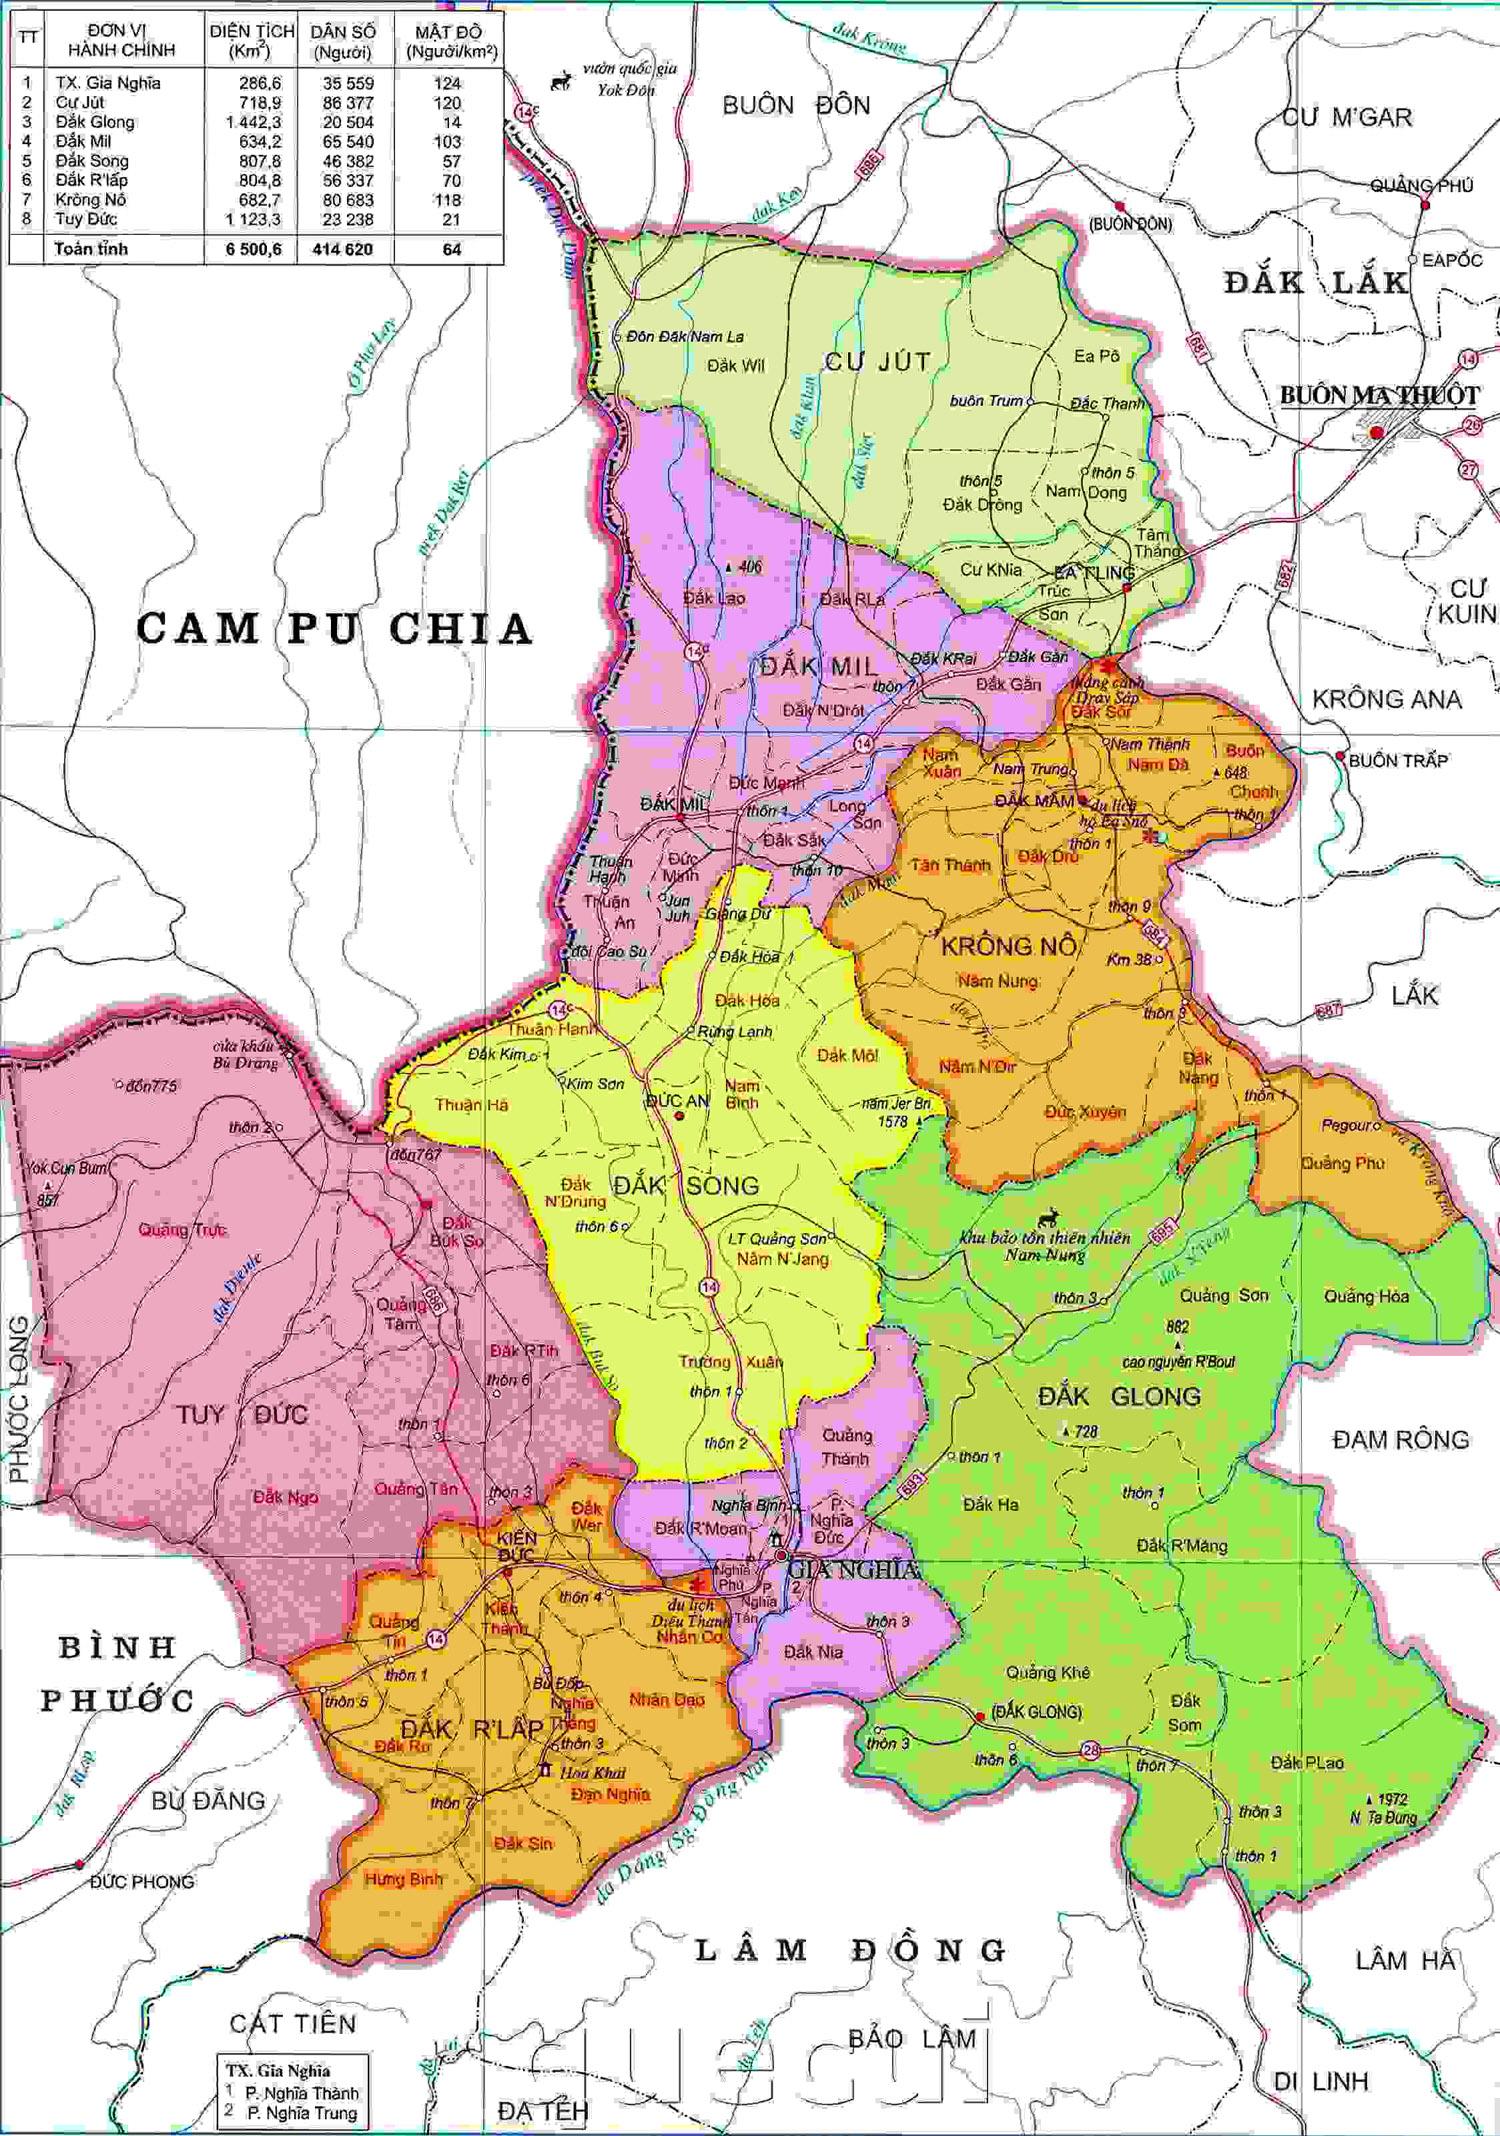 Bảng giá nhà đất Đắk Nông từ năm 2015 đến 2020 9